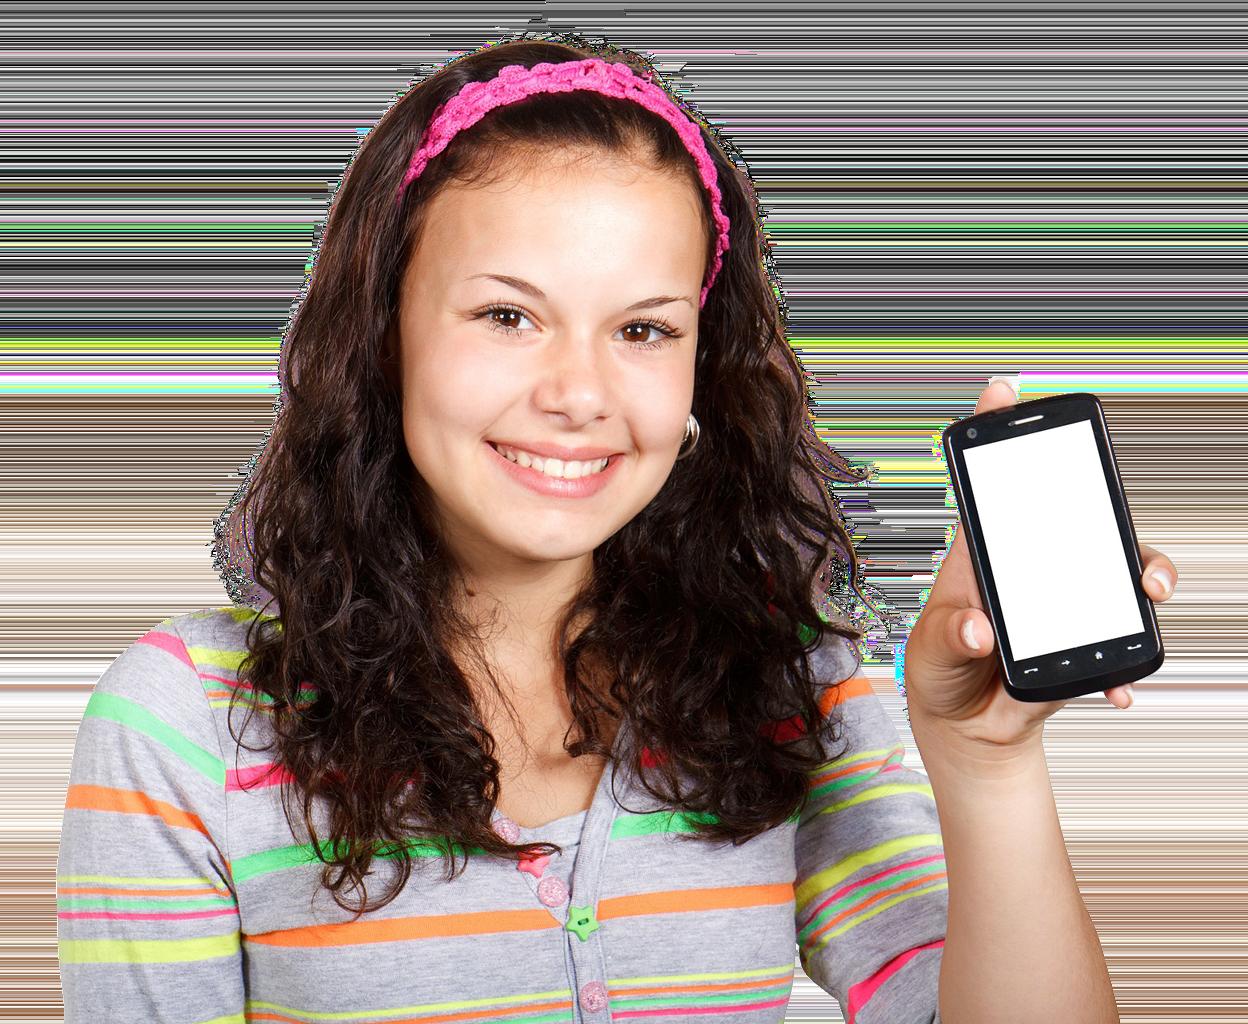 El 90% de los jóvenes españoles quiere ser popular en redes sociales